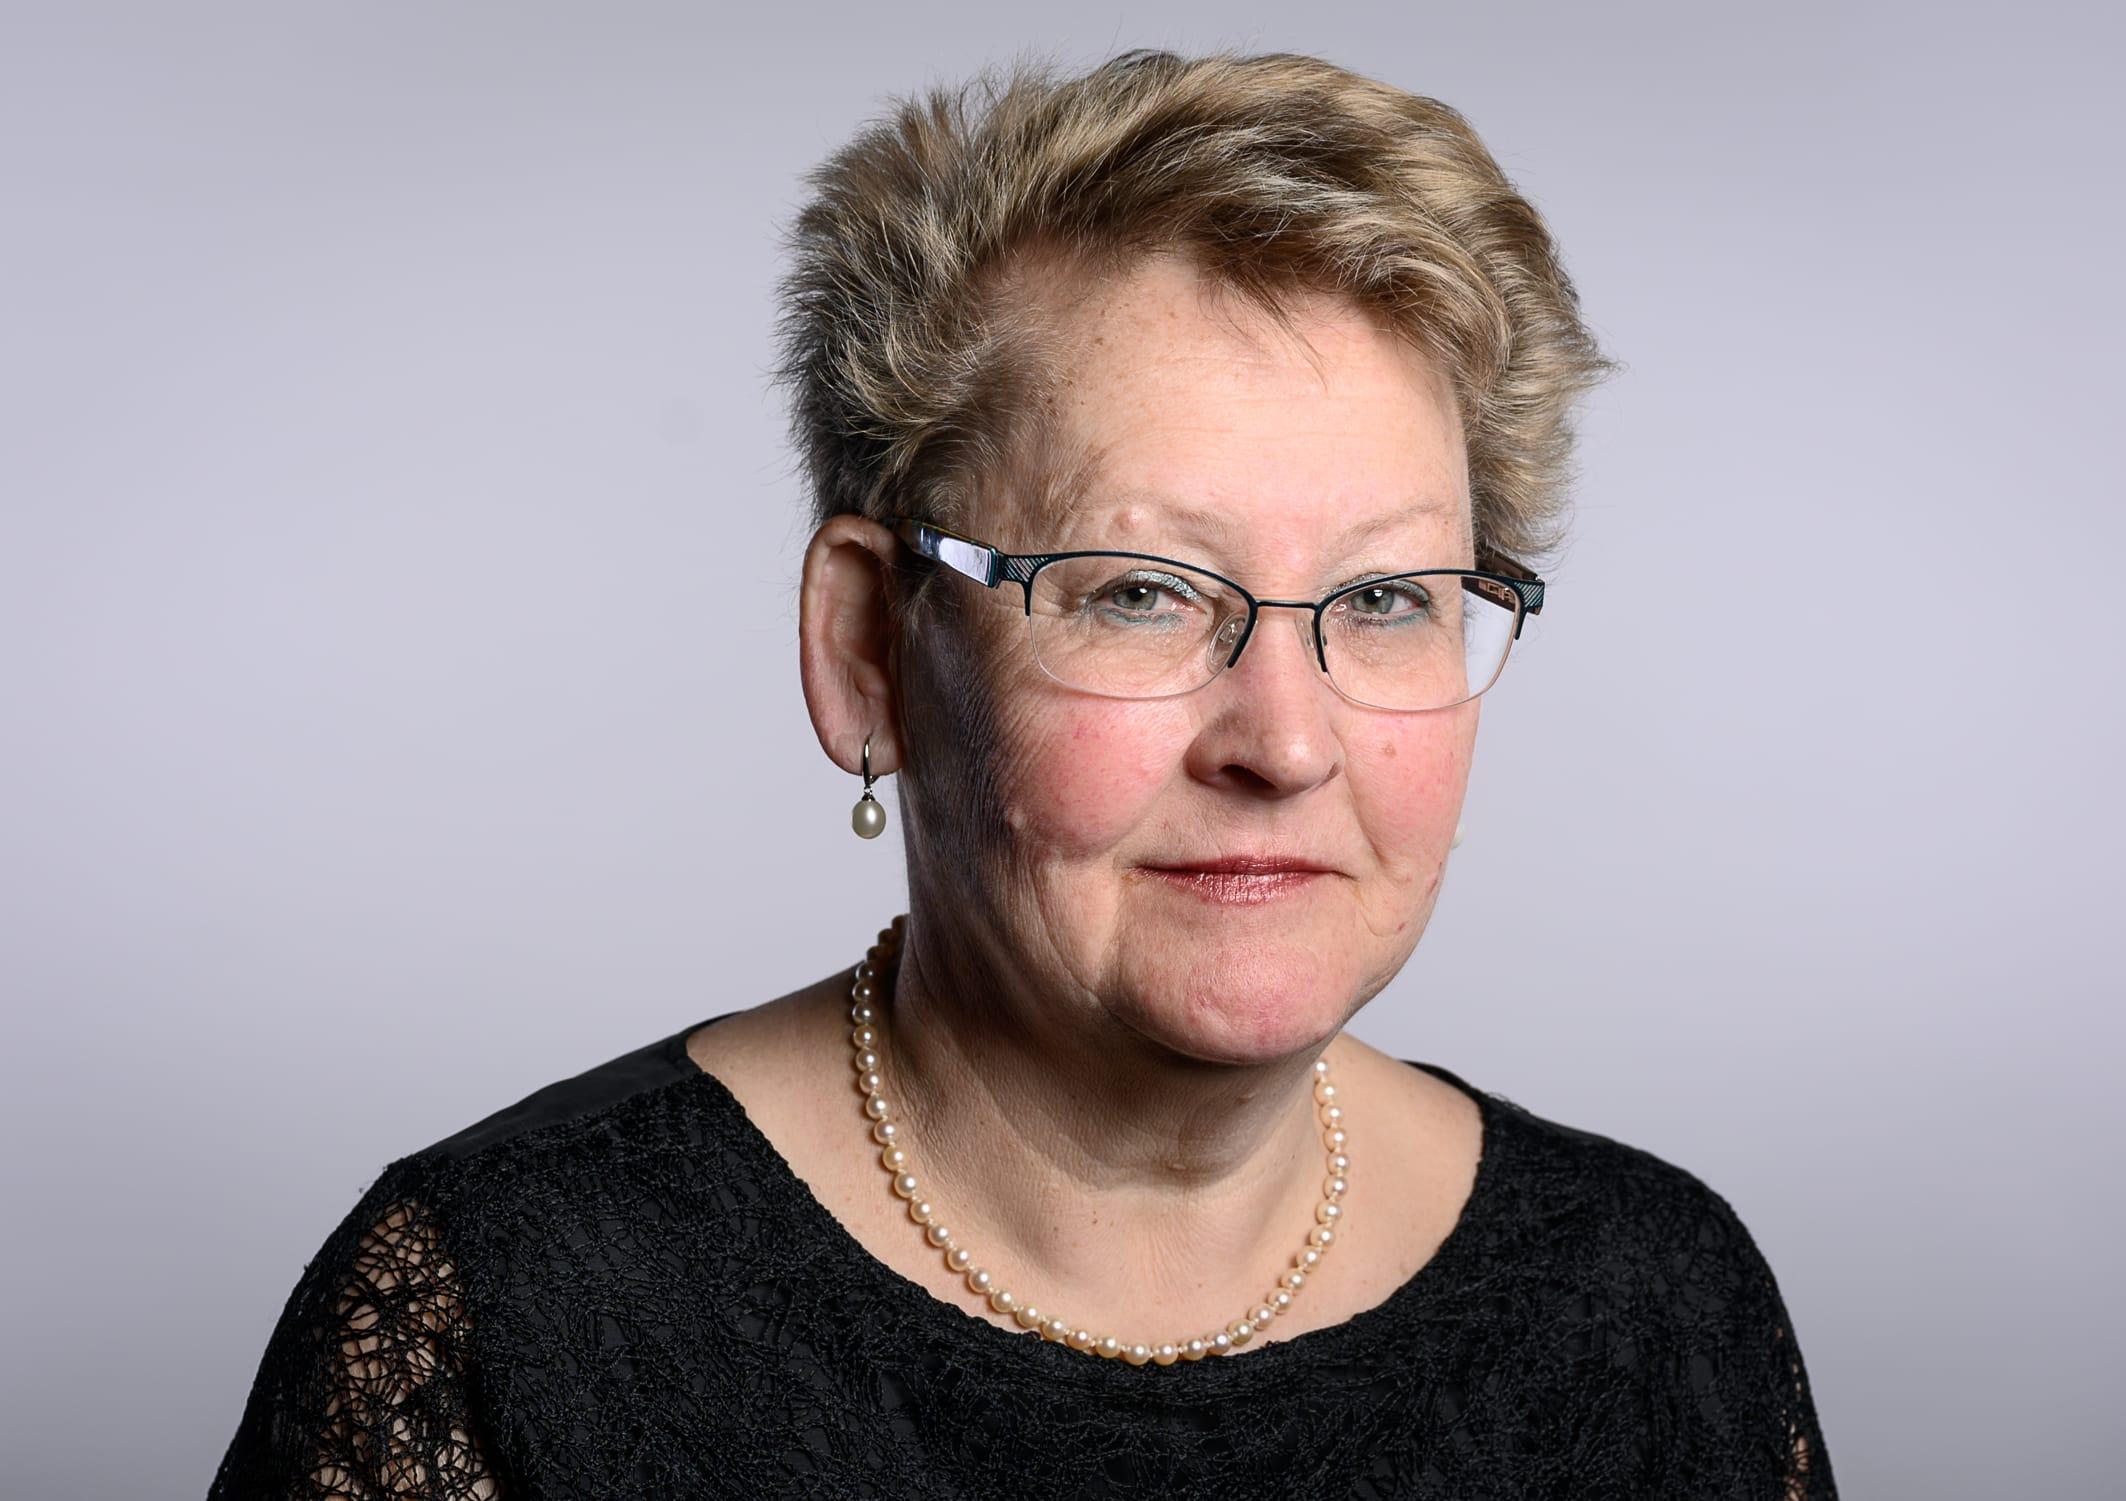 portrait Foto von Annegret Wirth